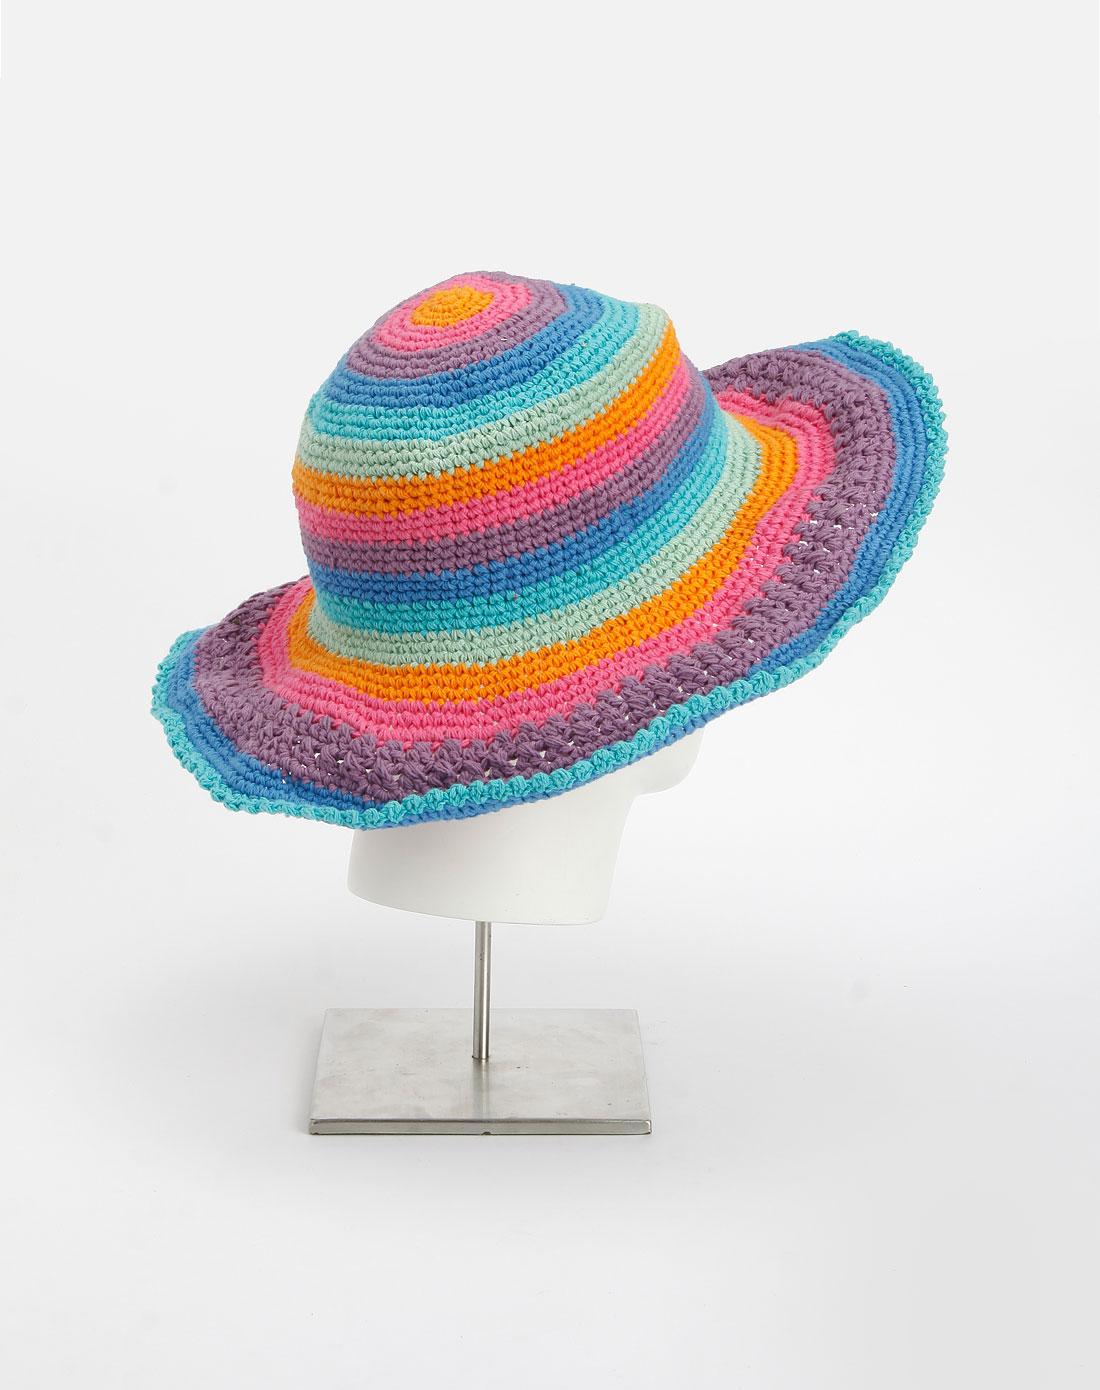 彩色太阳帽